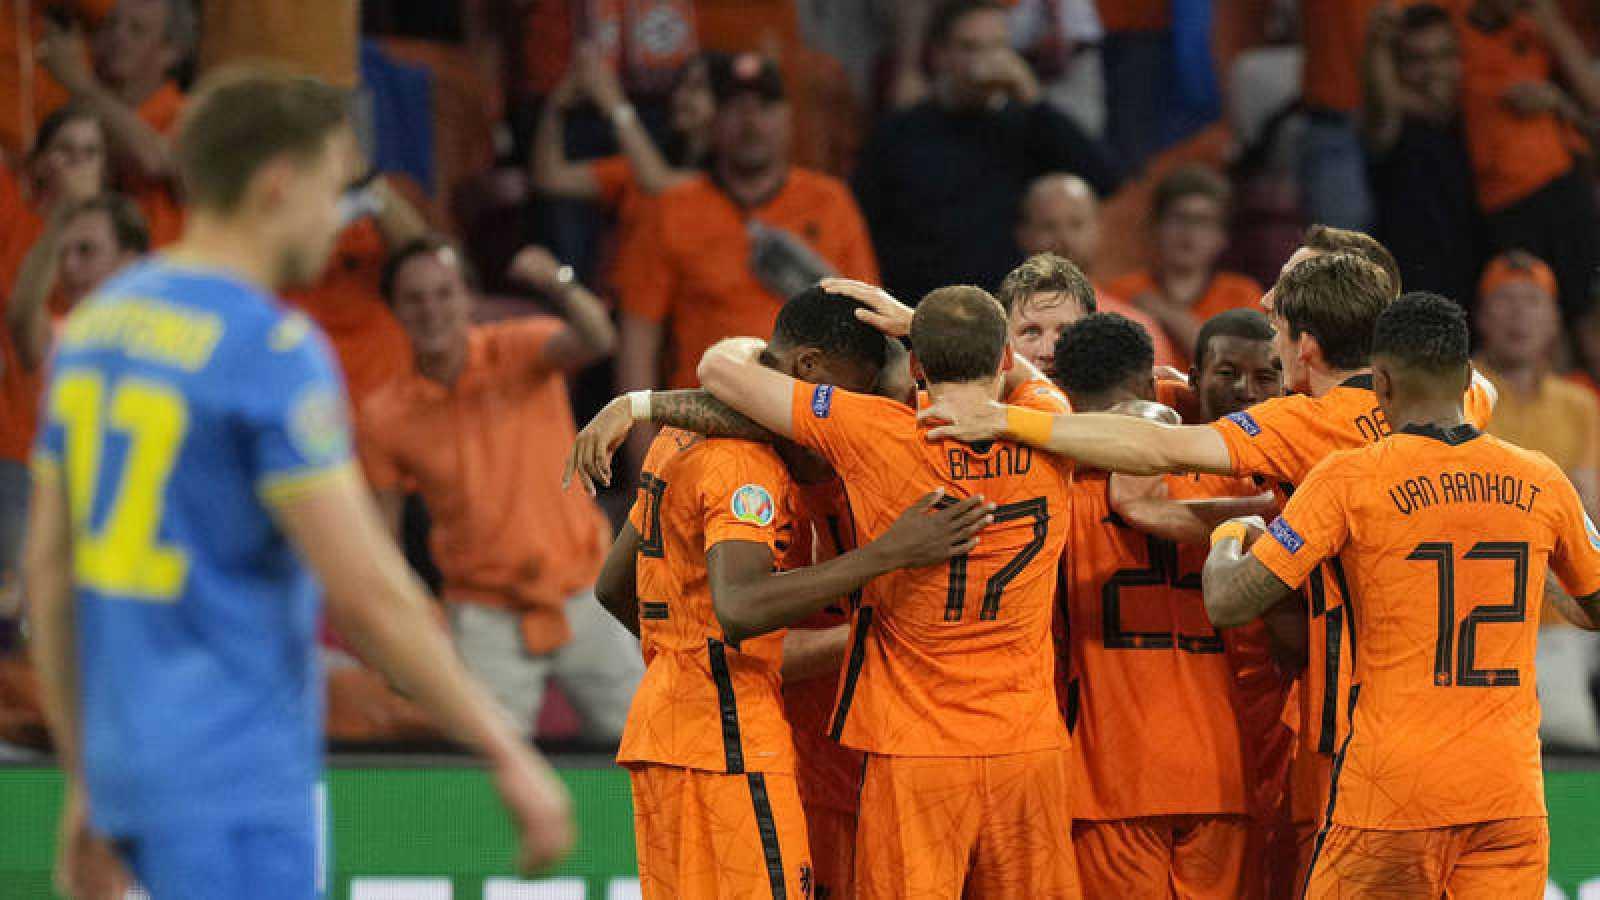 Países Bajos sufre para derrotar a Ucrania en su debut en la Eurocopa